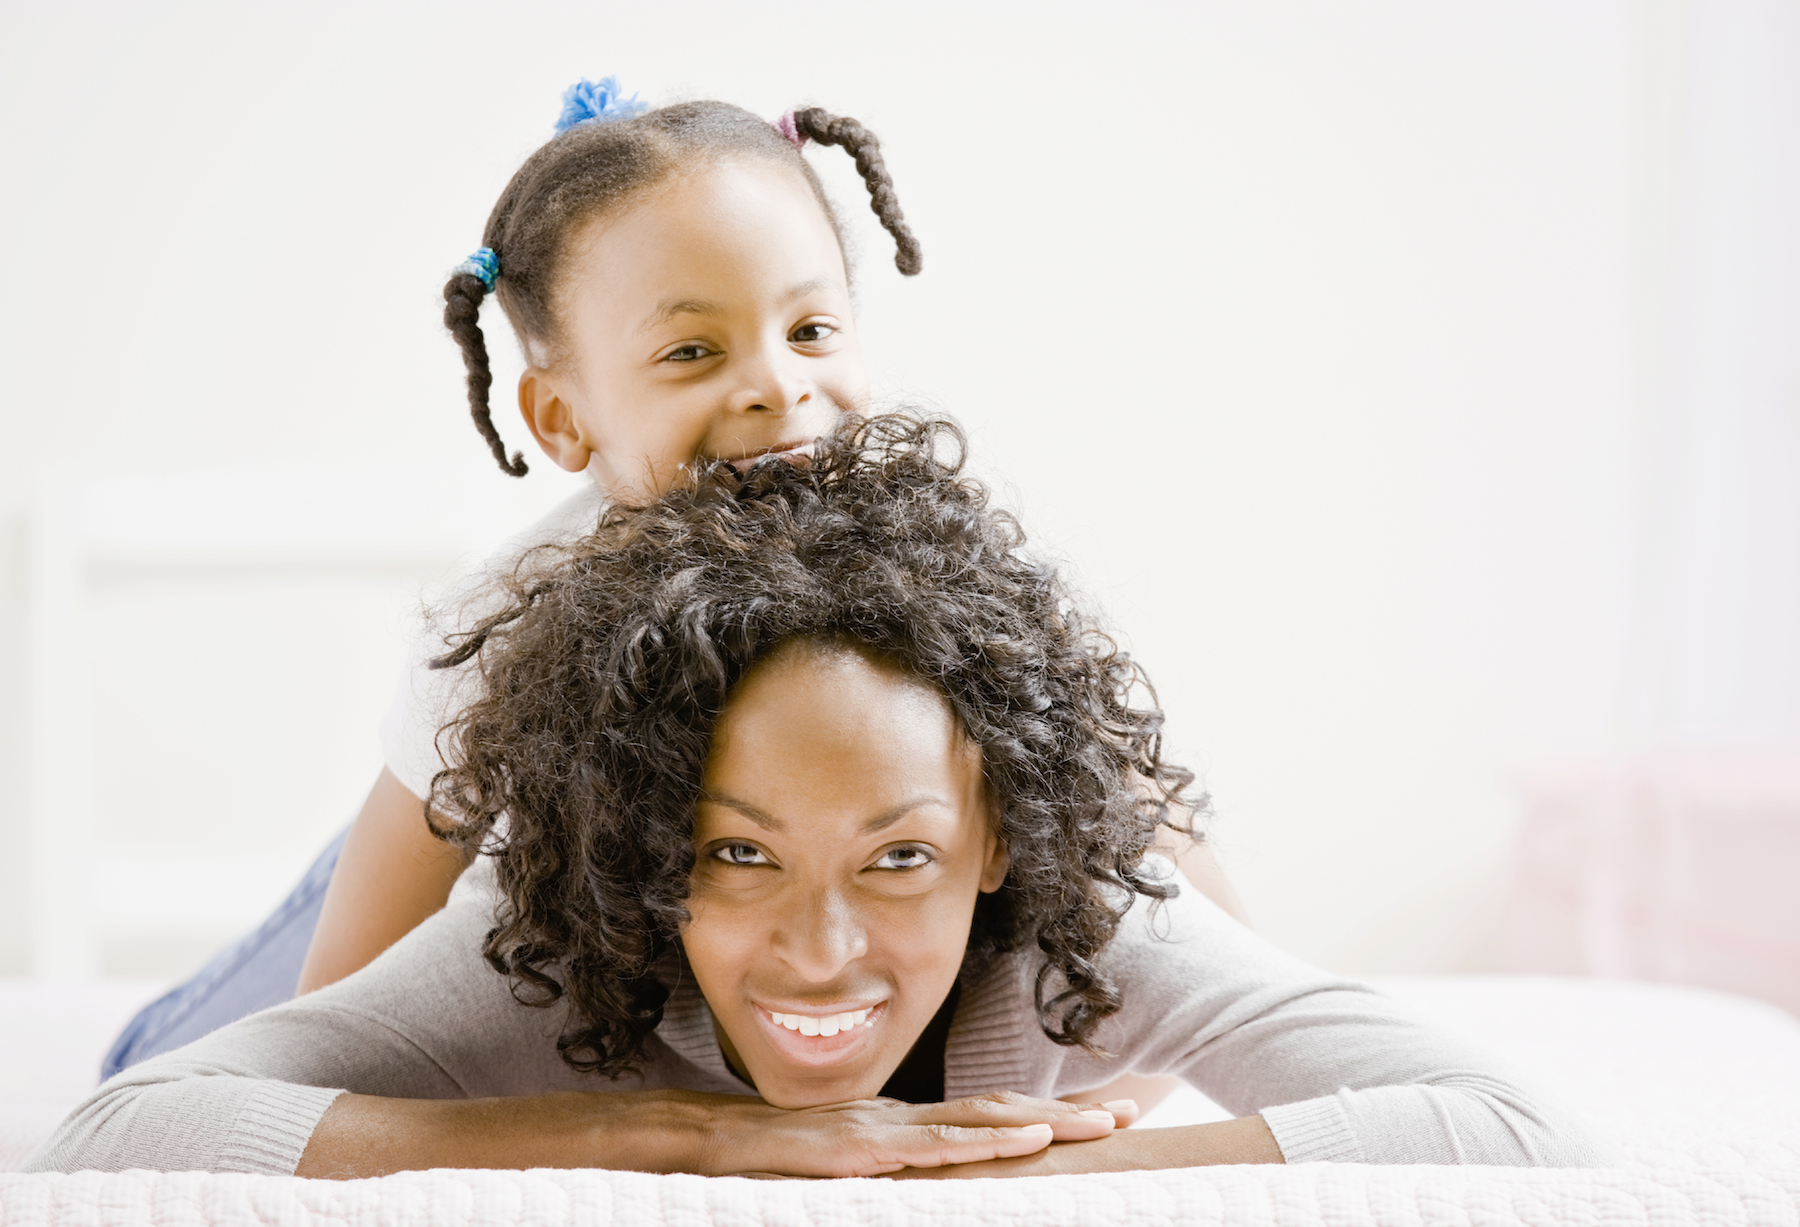 motherchildsmall.jpg